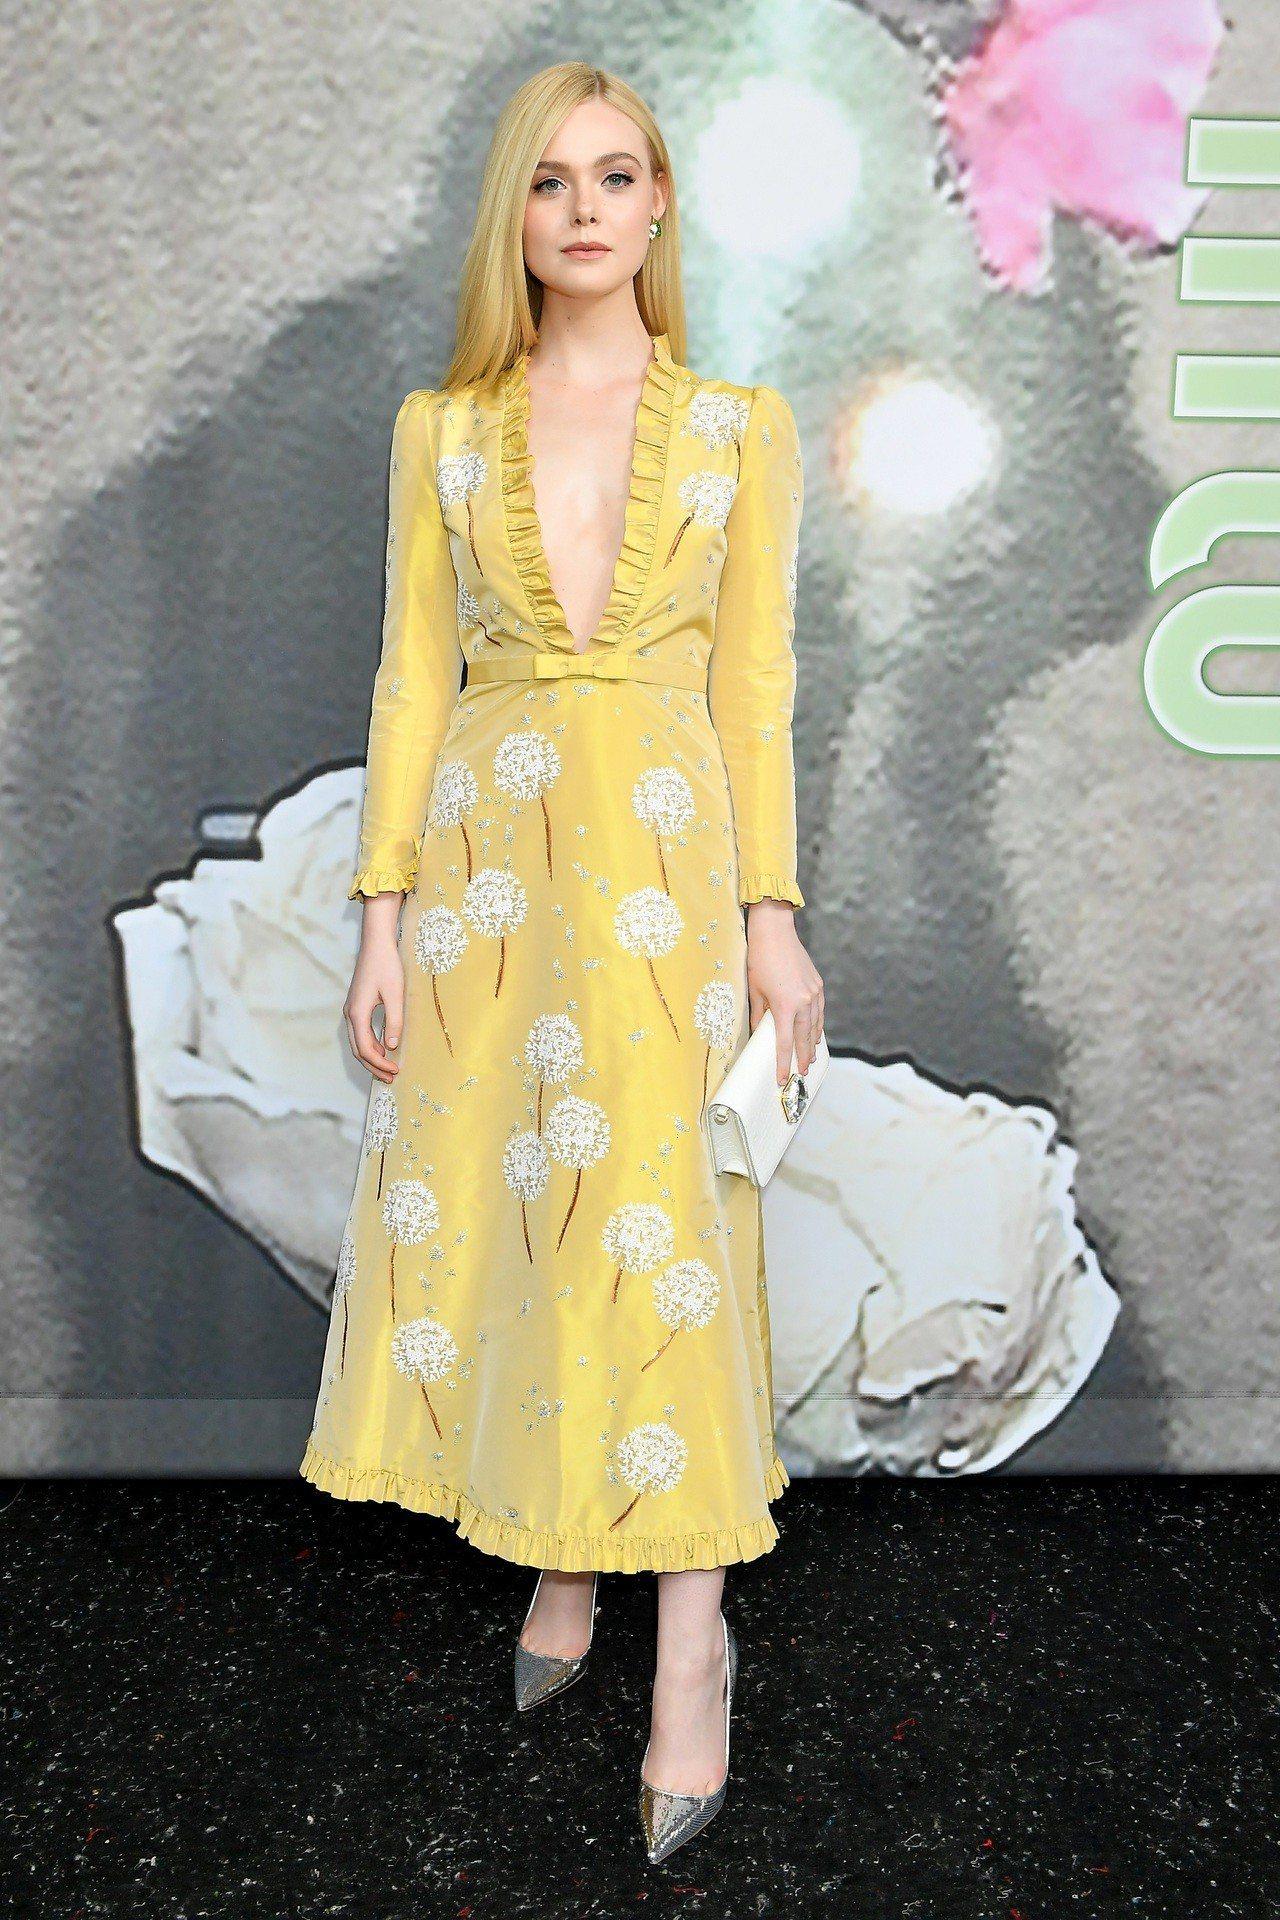 美國演員艾兒芬妮出席MIU MIU2019秋冬服裝秀。圖/MIU MIU提供